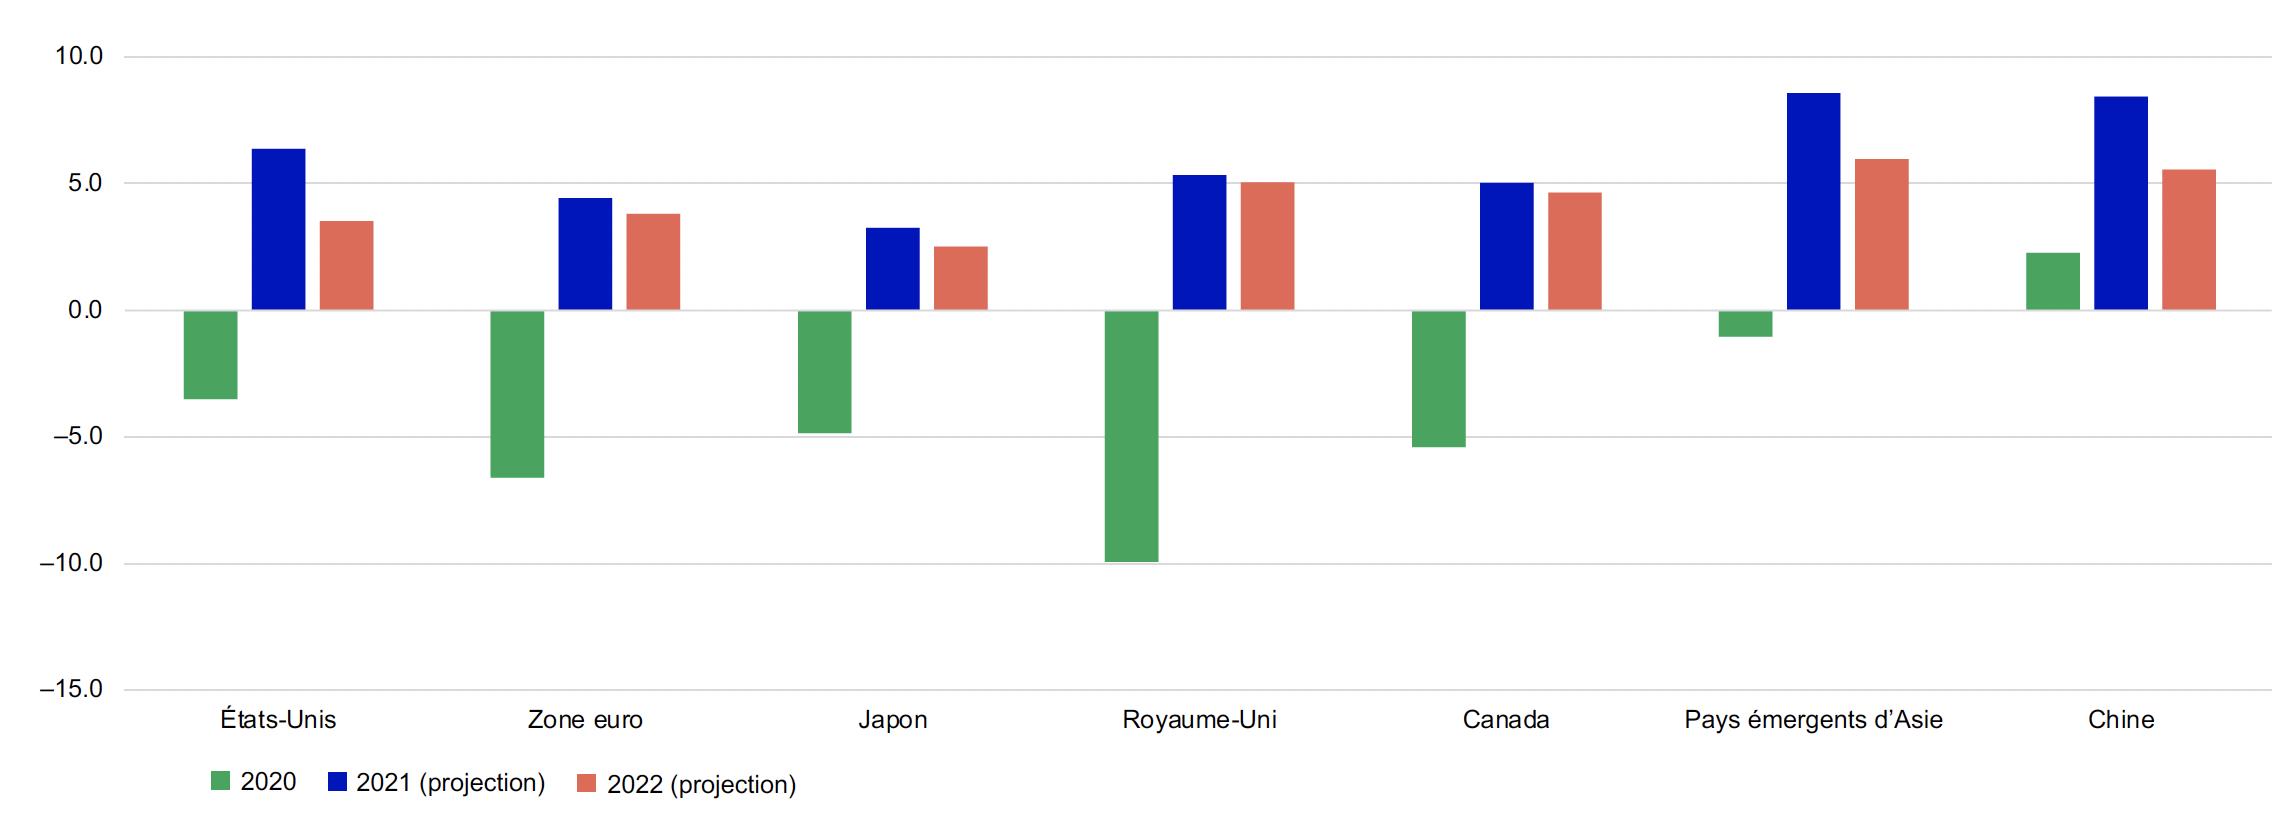 Ce graphique présente la croissance économique pour les États-Unis, l'Union européenne, le Japon, le Royaume-Uni, le Canada, les pays émergents d'Asie et la Chine en 2019, et les projections pour 2020 et 2021. Toutes les régions ont affiché une croissance de l'économie en 2020, les pays émergents d'Asie enregistrant la plus forte croissance. La croissance a été négative pour toutes les régions en 2020 (sauf pour la Chine), le Royaume-Uni et l'Union européenne affichant les reculs les plus importants. Les projections de croissance économique pour 2021 et 2022 sont positives pour toutes les régions, les pays émergents d'Asie et la Chine affichant les plus fortes projections.